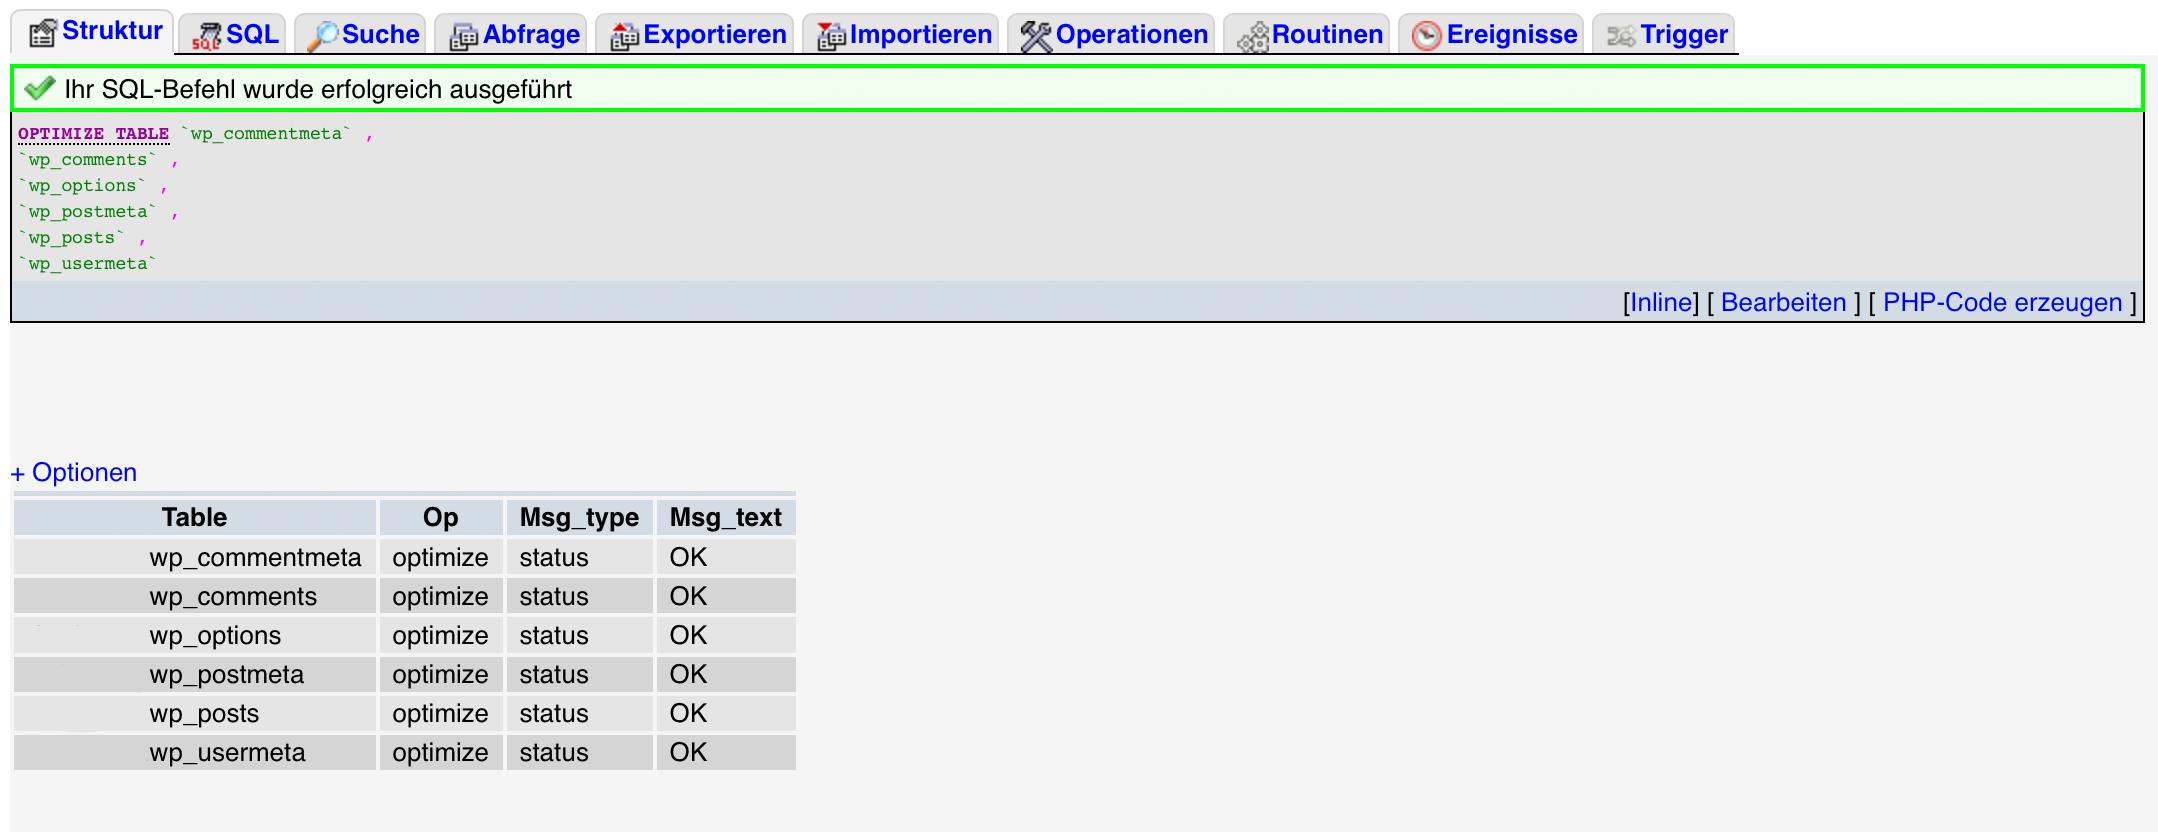 Die von WordPress optimieren Datenbanktabellen in der Übersicht